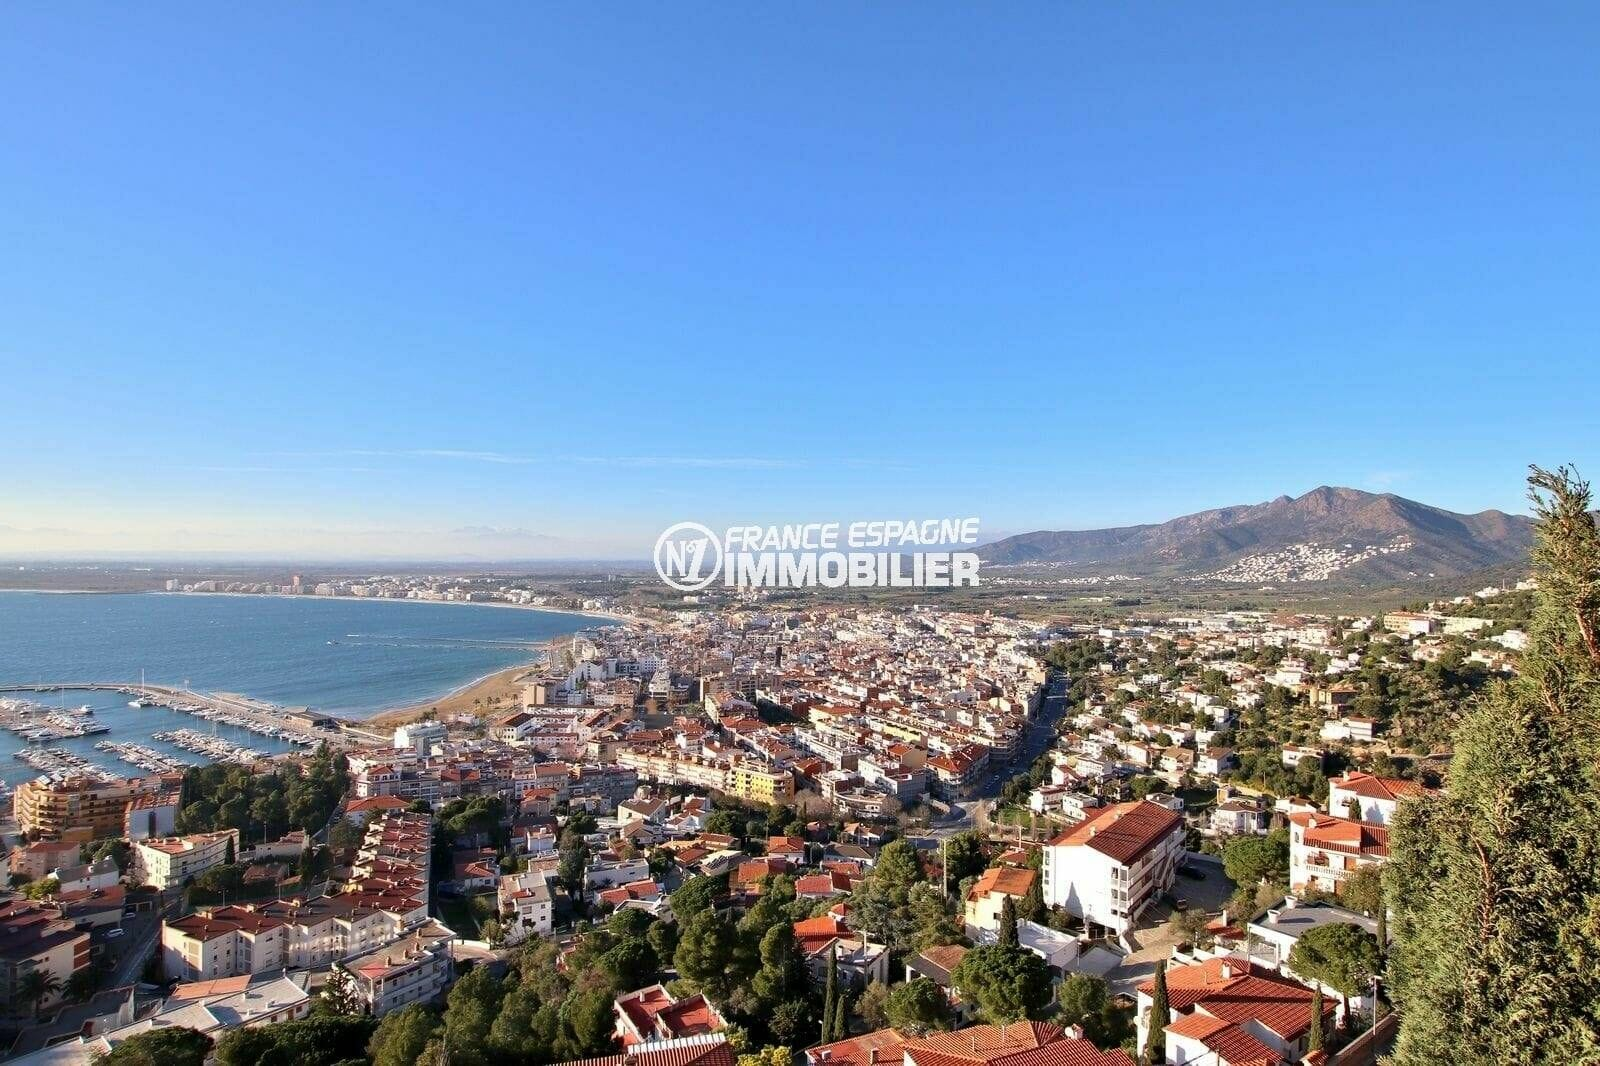 agence immobilière costa brava: villa 414 m², aperçu du port de plaisance de rosas depuis la terrasse